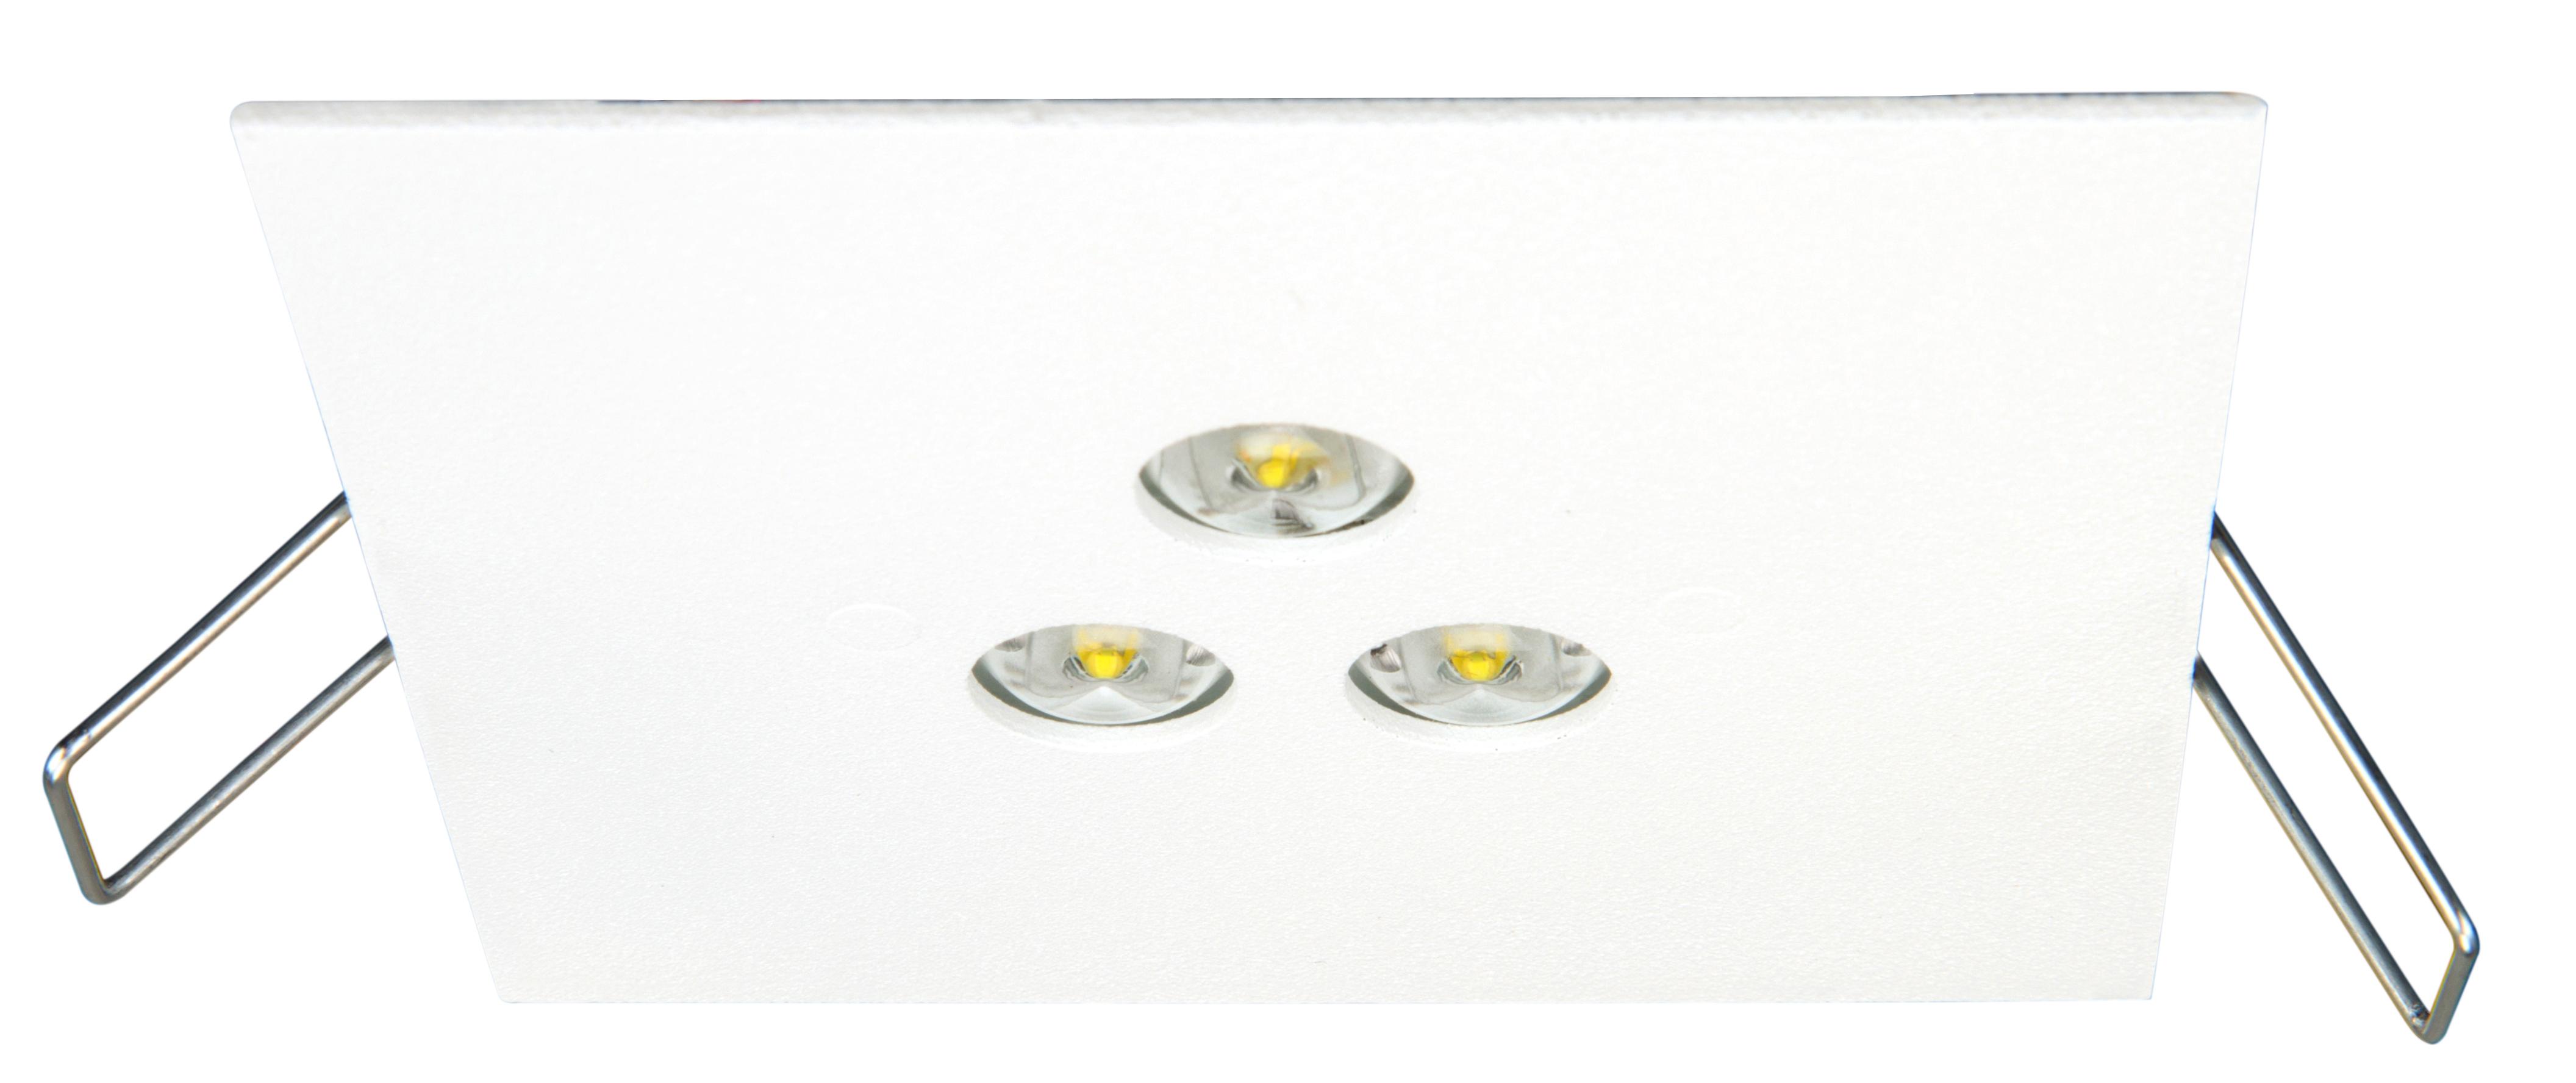 1 Stk Notleuchte DEQ Überwachung und Mischbetrieb ERT-LED 230V NLDEQ029ML